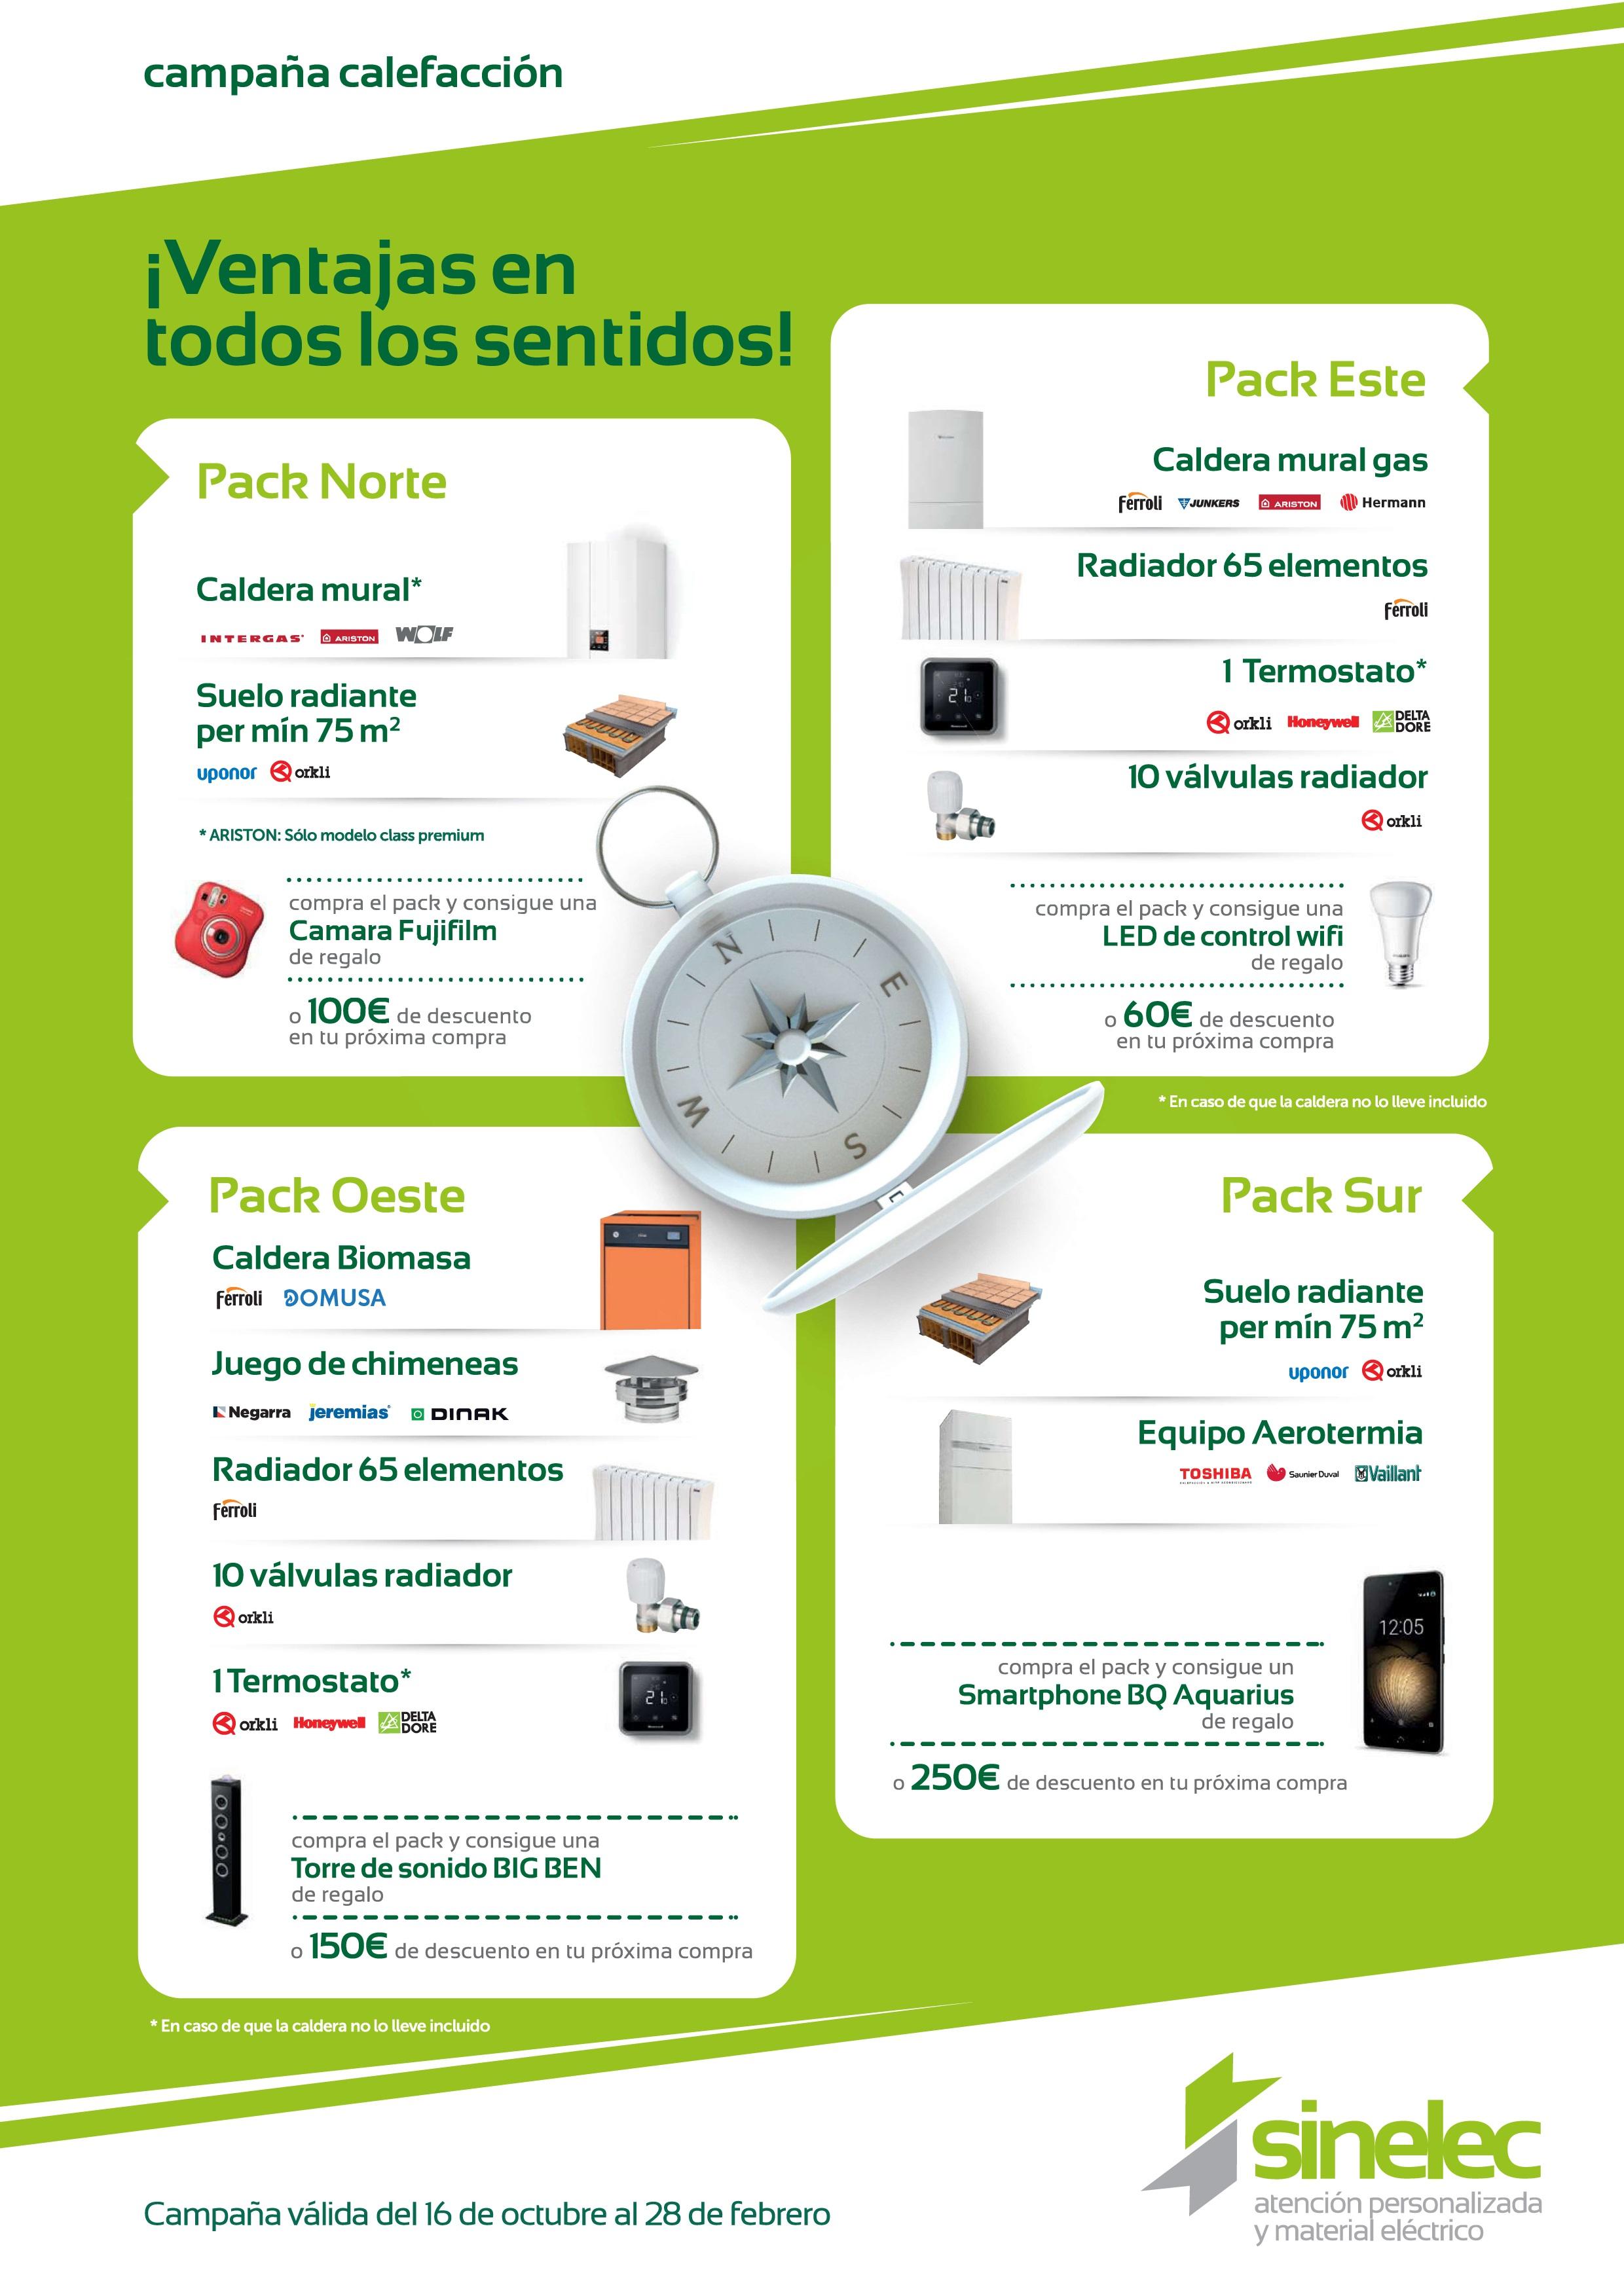 Promoción Calefacción: ventajas en todos los sentidos